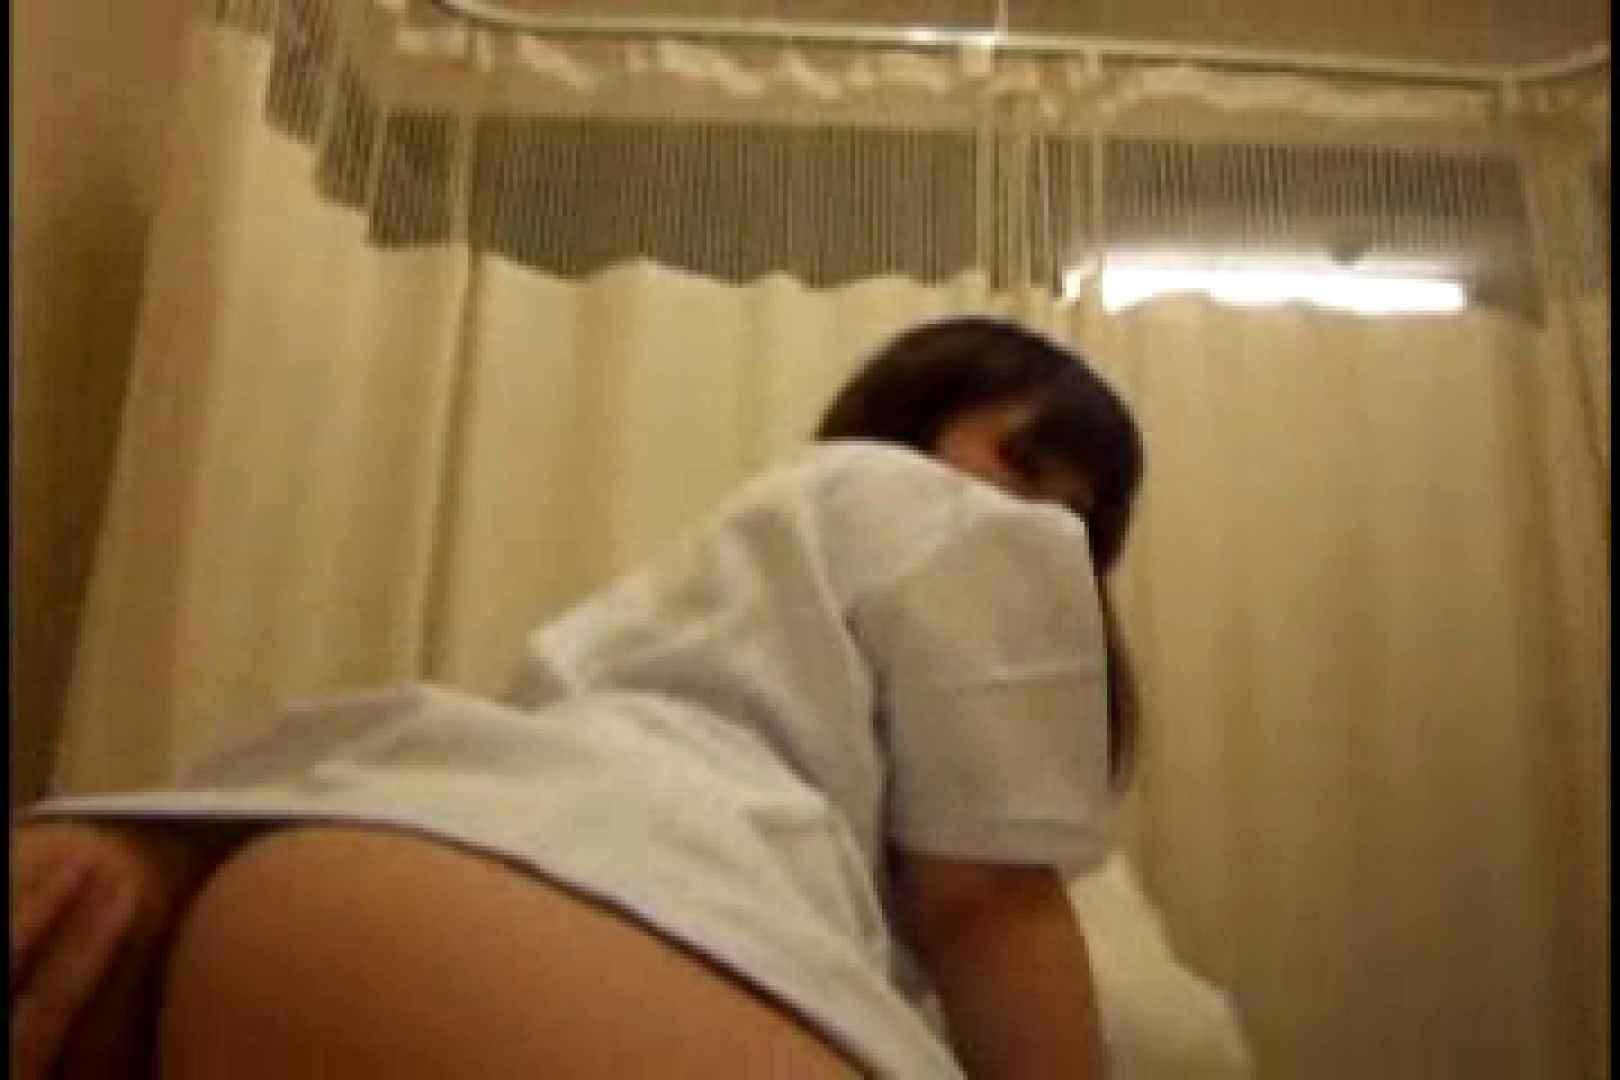 ヤリマンと呼ばれた看護士さんvol2 OLの裸事情   一般投稿  91枚 82